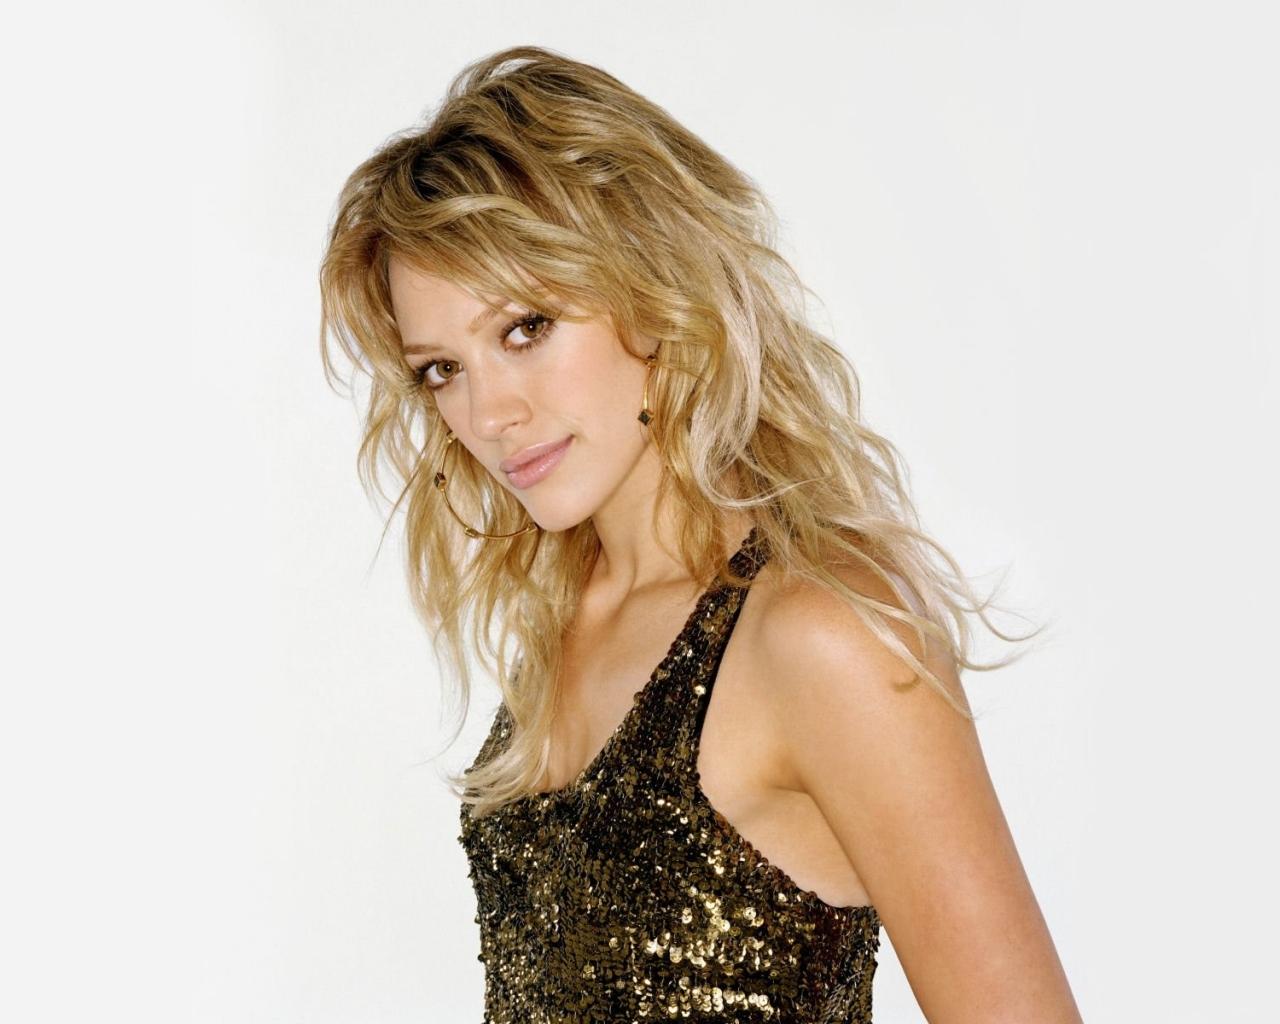 Hilary Duff rubia - 1280x1024